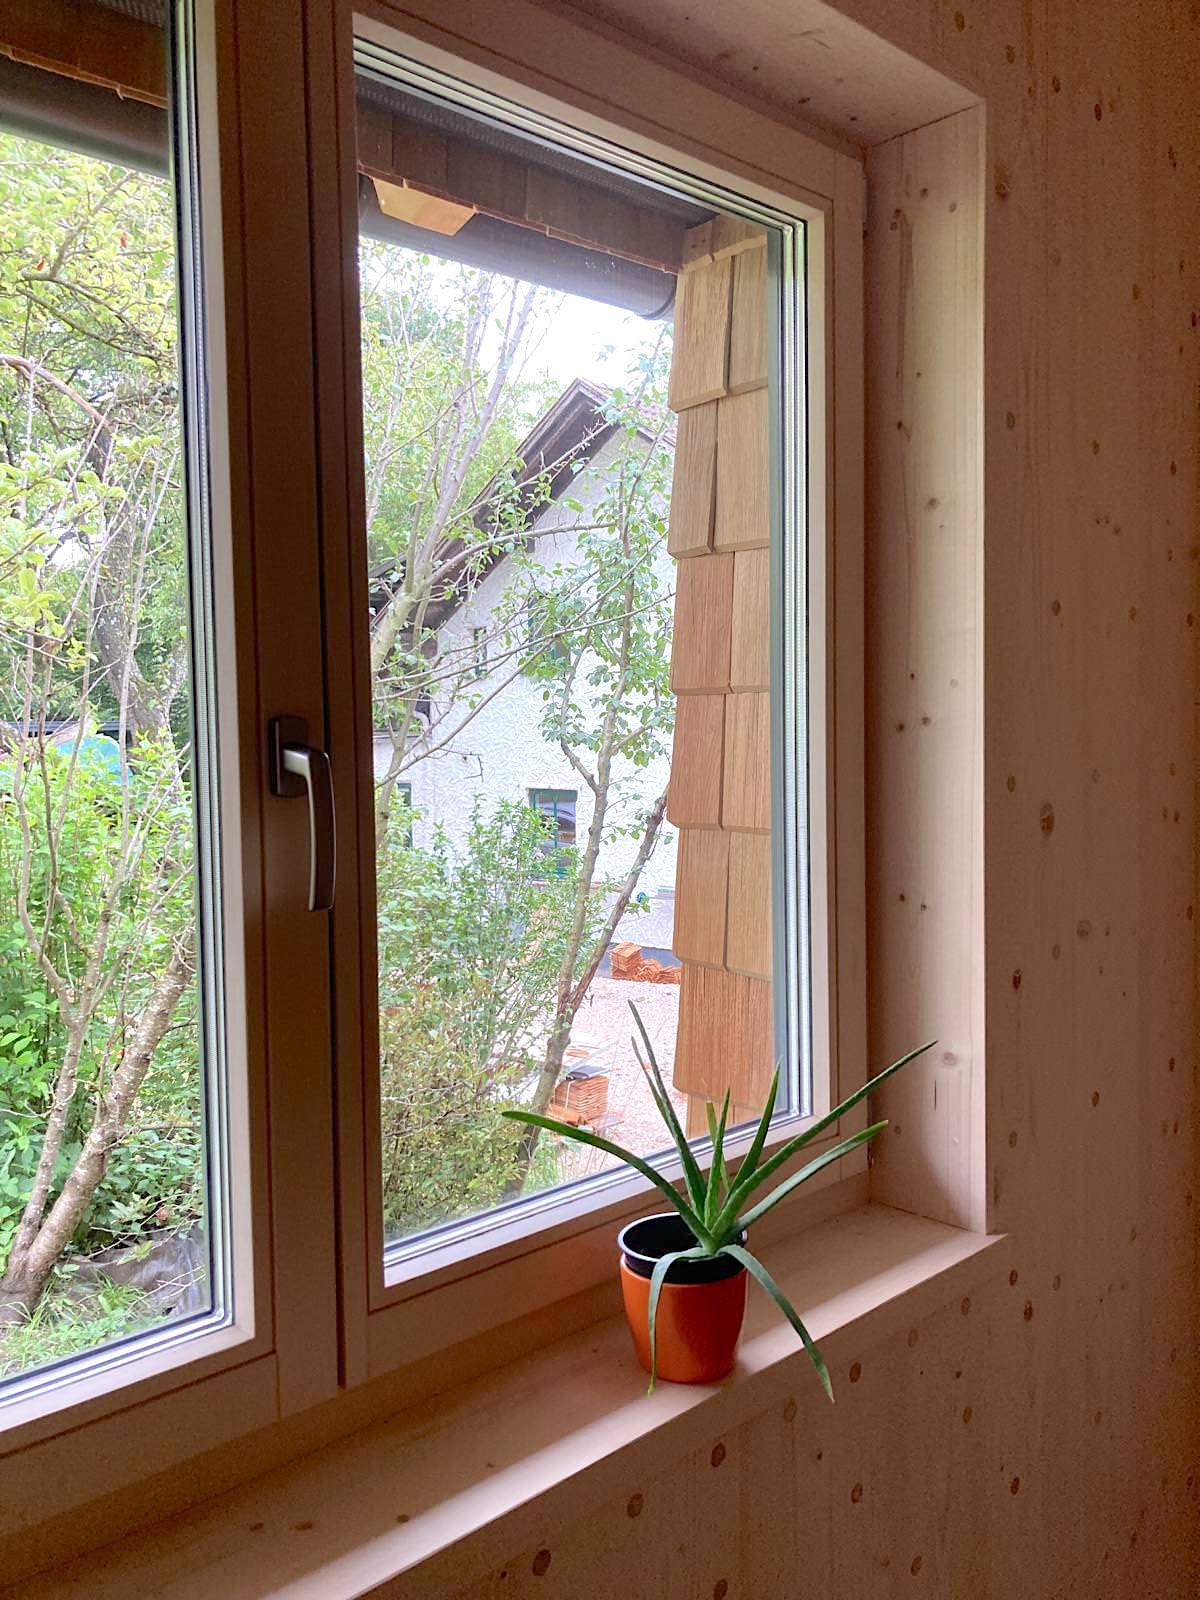 Thoma Holz100 Holz mit Lärchernfassade Fenster von innen 2